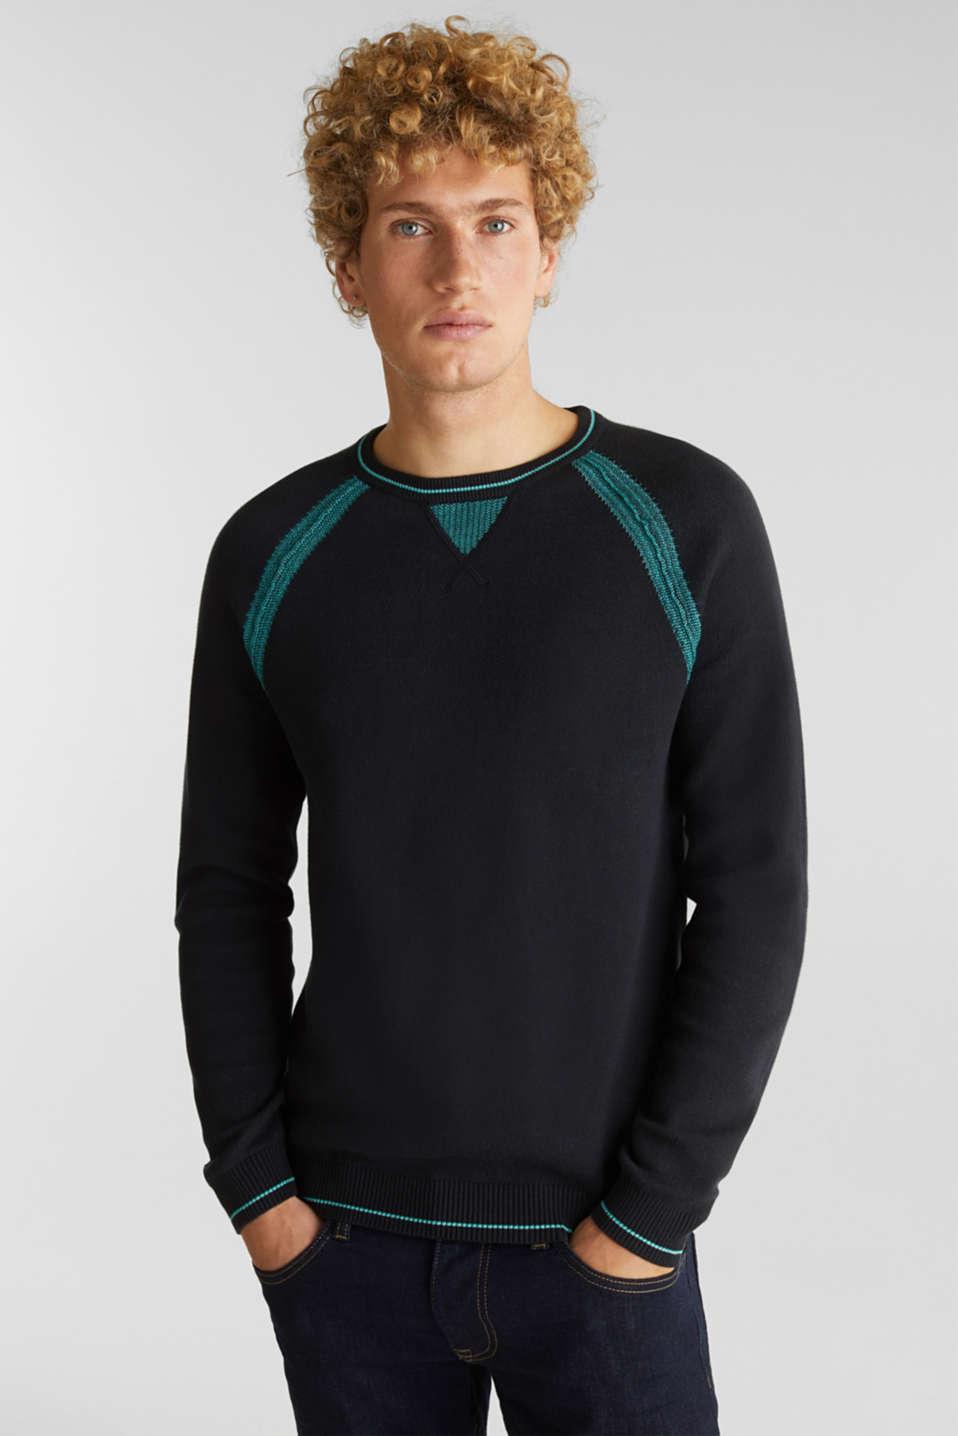 Jumper with contrasting details, 100% cotton, BLACK 2, detail image number 0